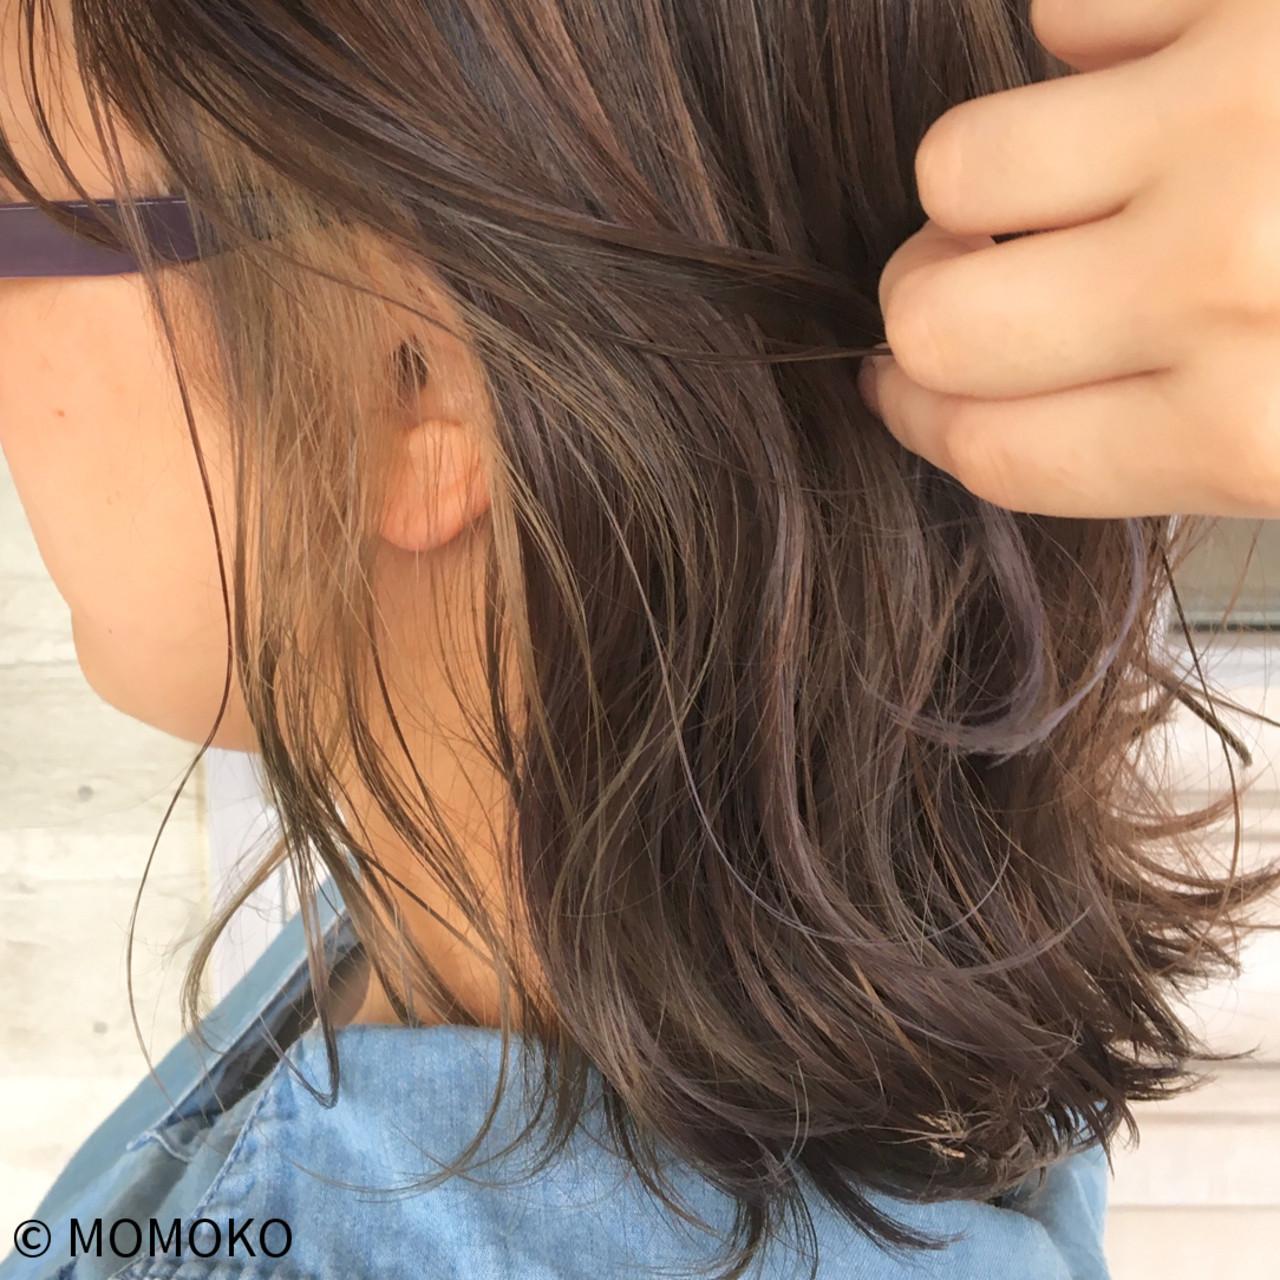 ナチュラル グレージュ ヘアアレンジ インナーカラーヘアスタイルや髪型の写真・画像